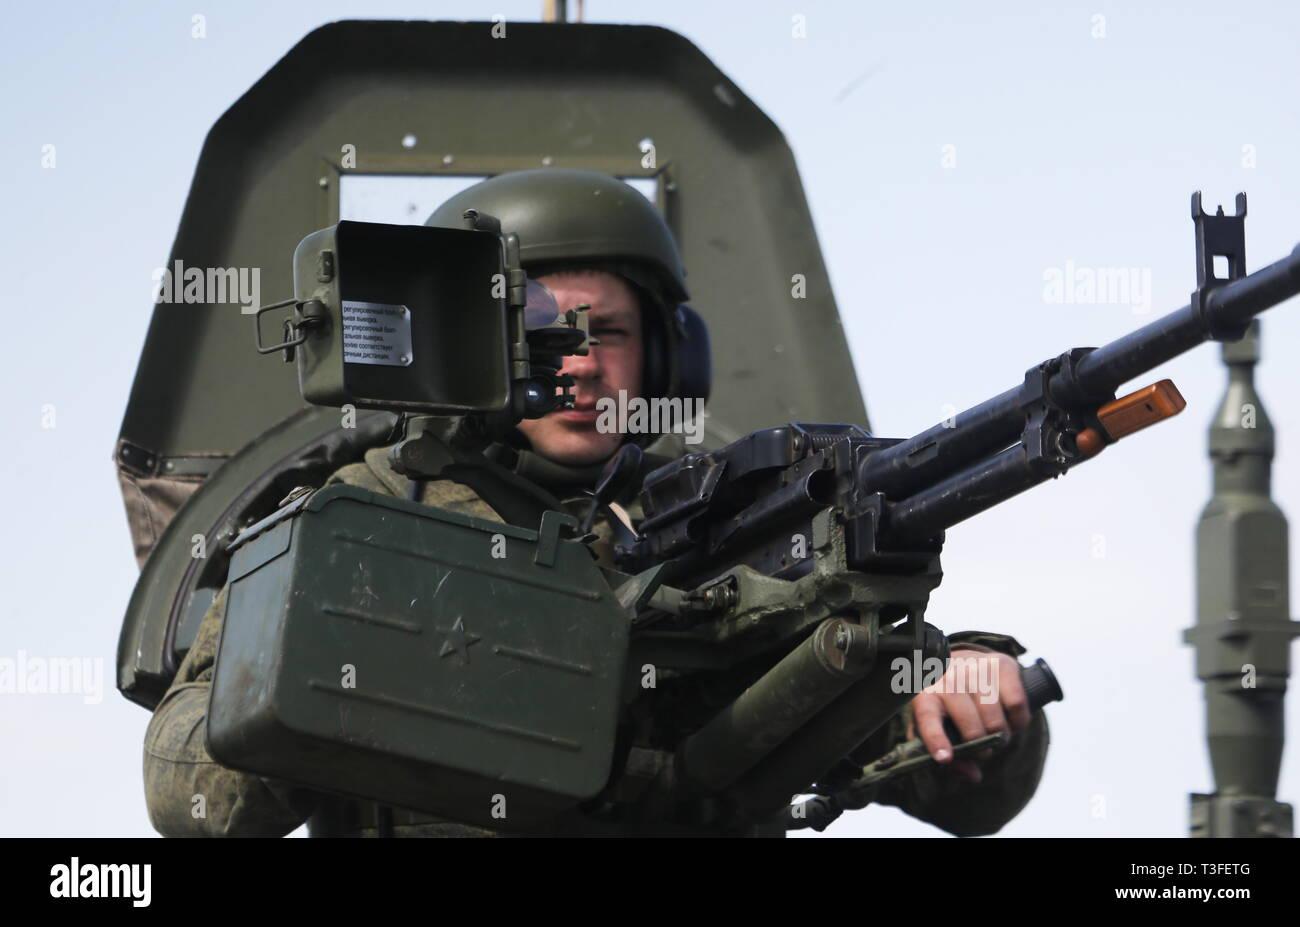 Rostov, Russia  09th April, 2019  A serviceman involved in